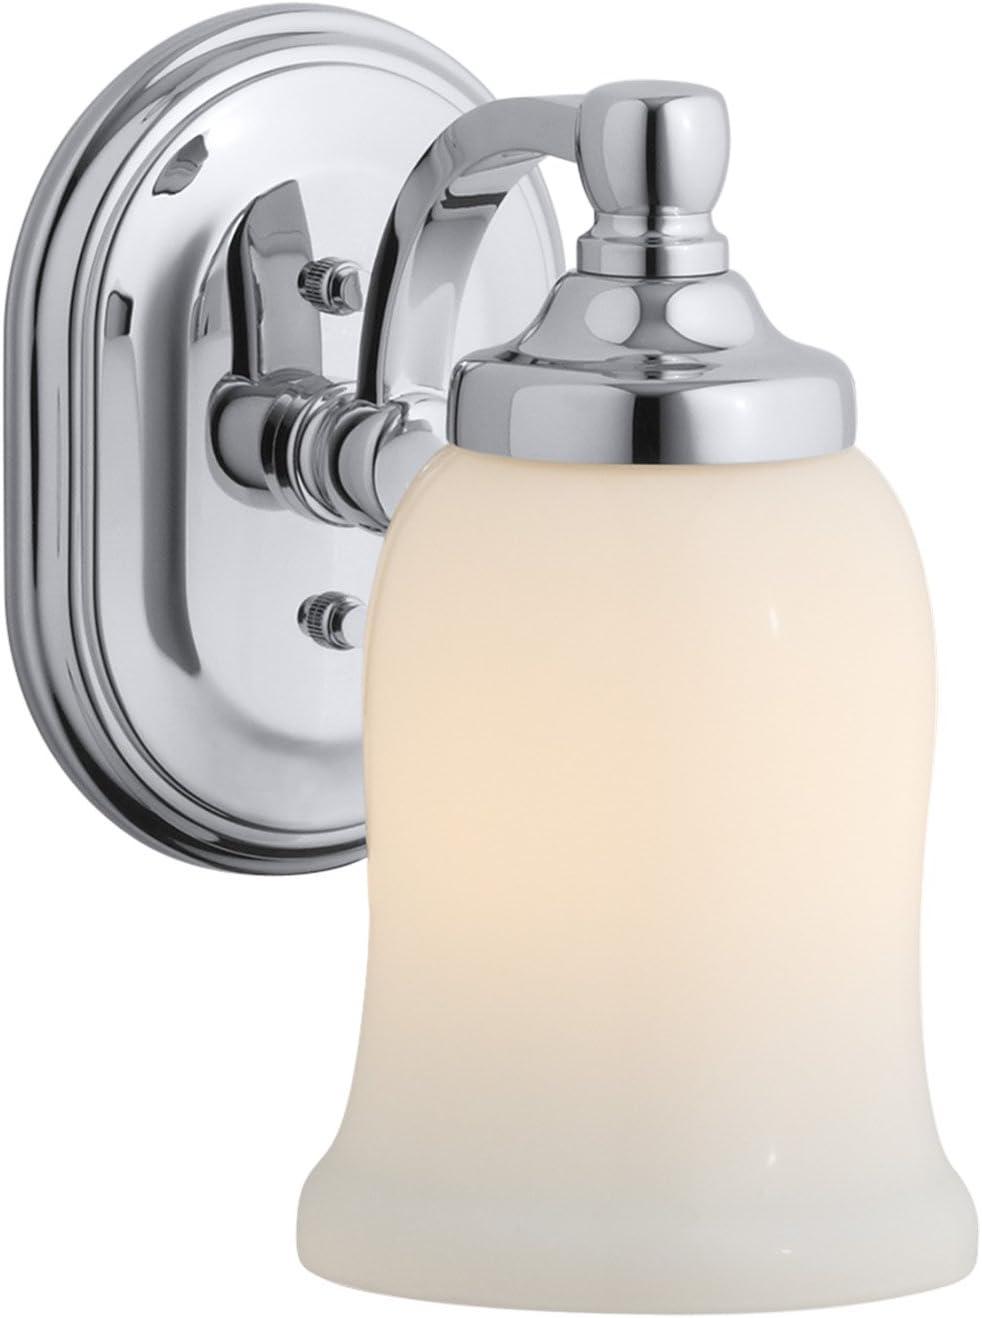 Kohler 11421 Cp Bancroft Lighting One Size Polished Chrome Wall Sconces Amazon Com